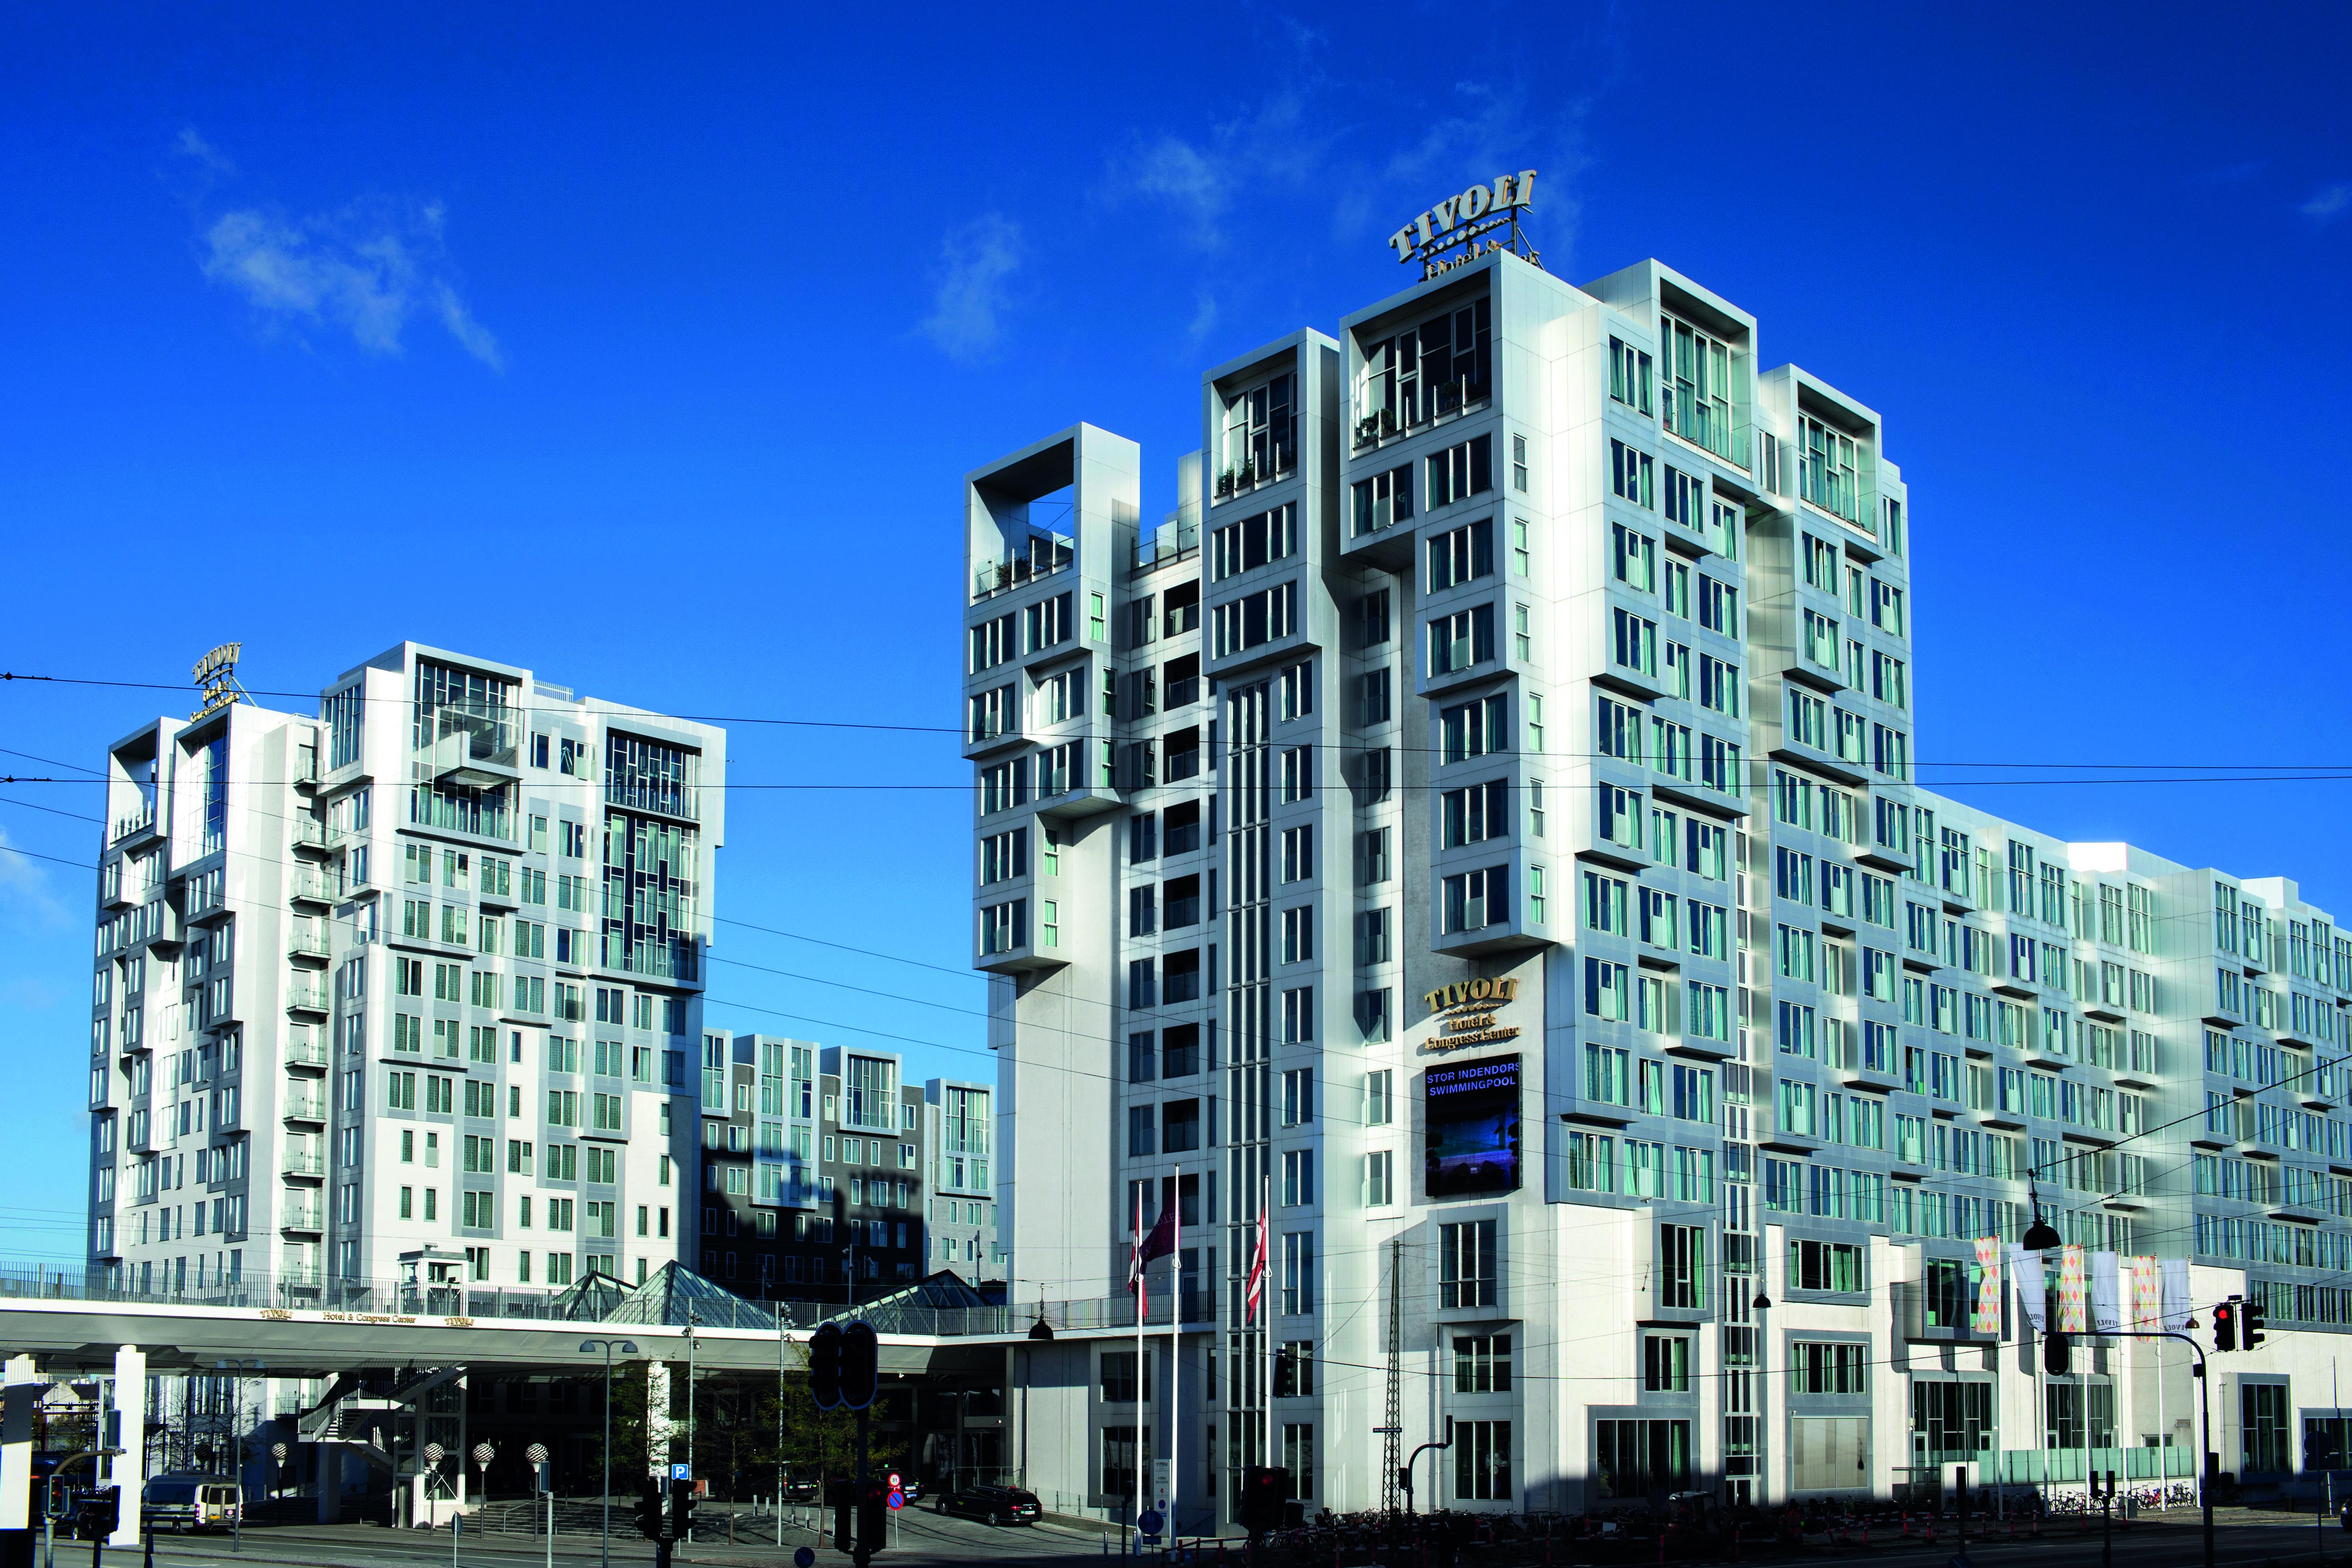 Tivoli Hotel & Congress Center, den største enhed i Københavns største hotelgruppe, Arp-Hansen, er eneste medlem i Danmark af WorldHotels, der nu er kommet ind under Best Western. Pressefoto.